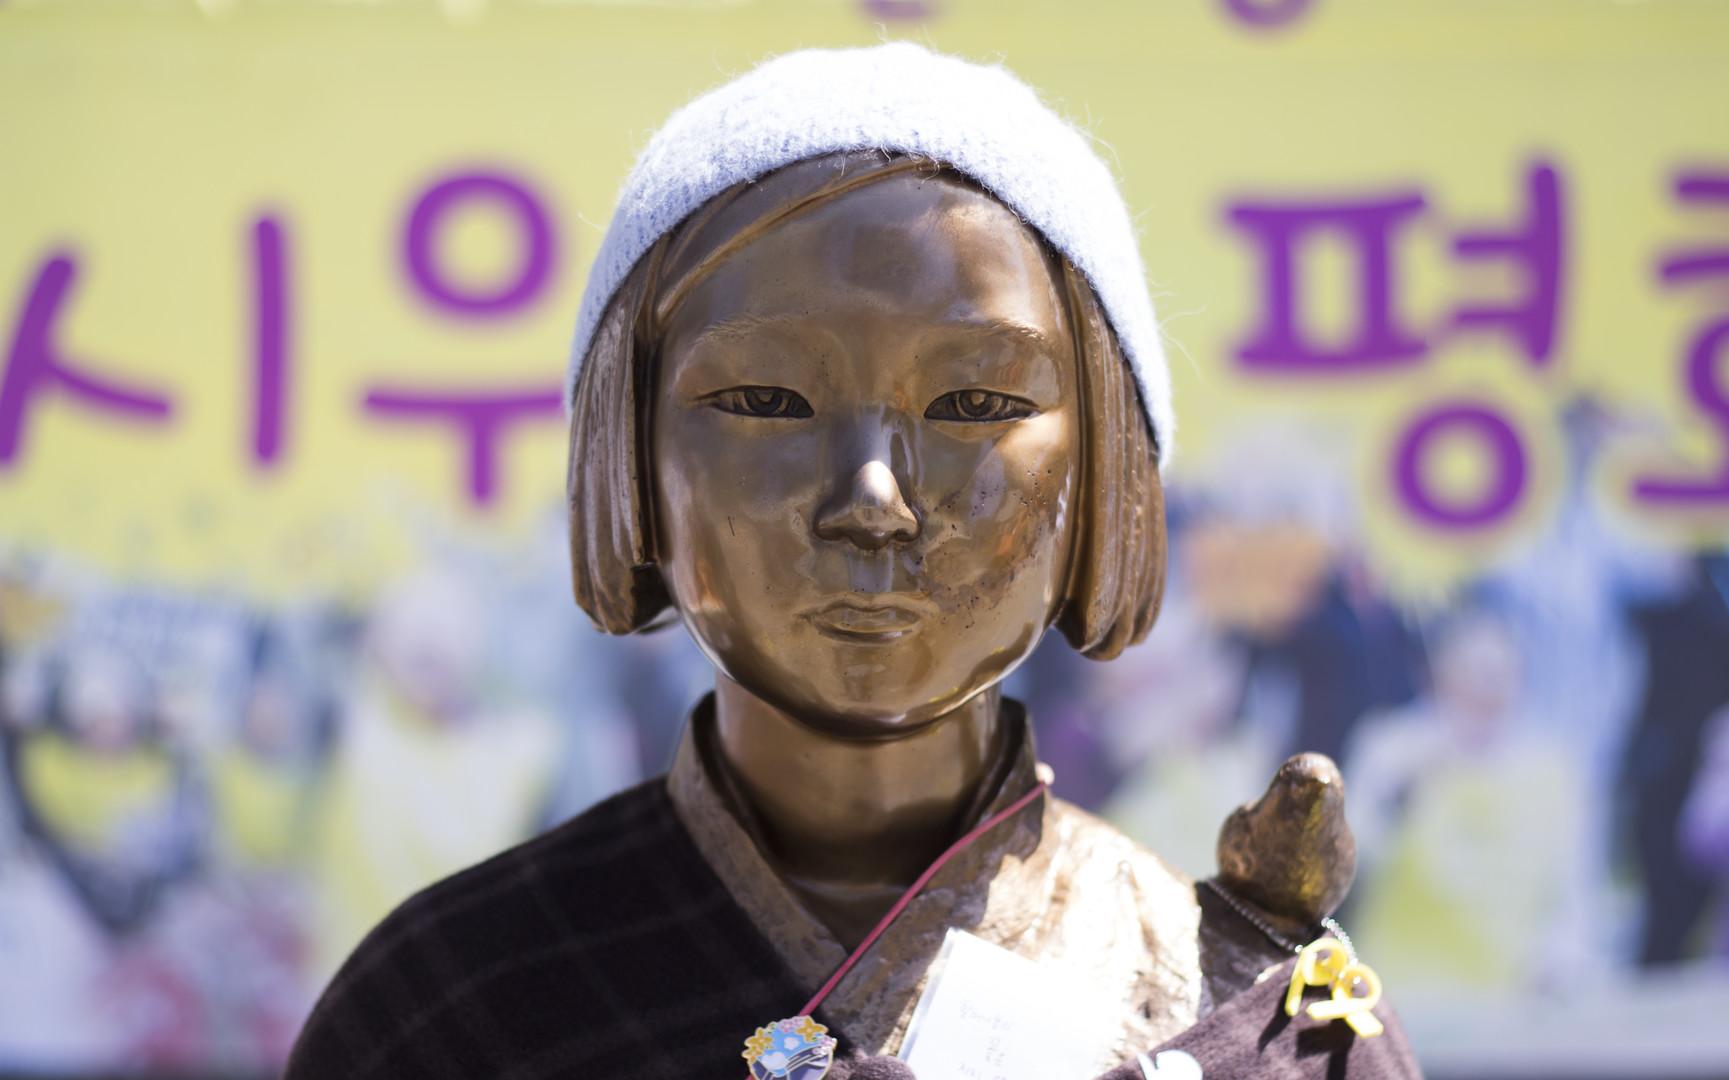 Дело принципа: Сеул ждёт от Японии извинений за сексуальную эксплуатацию кореянок в годы Второй мировой